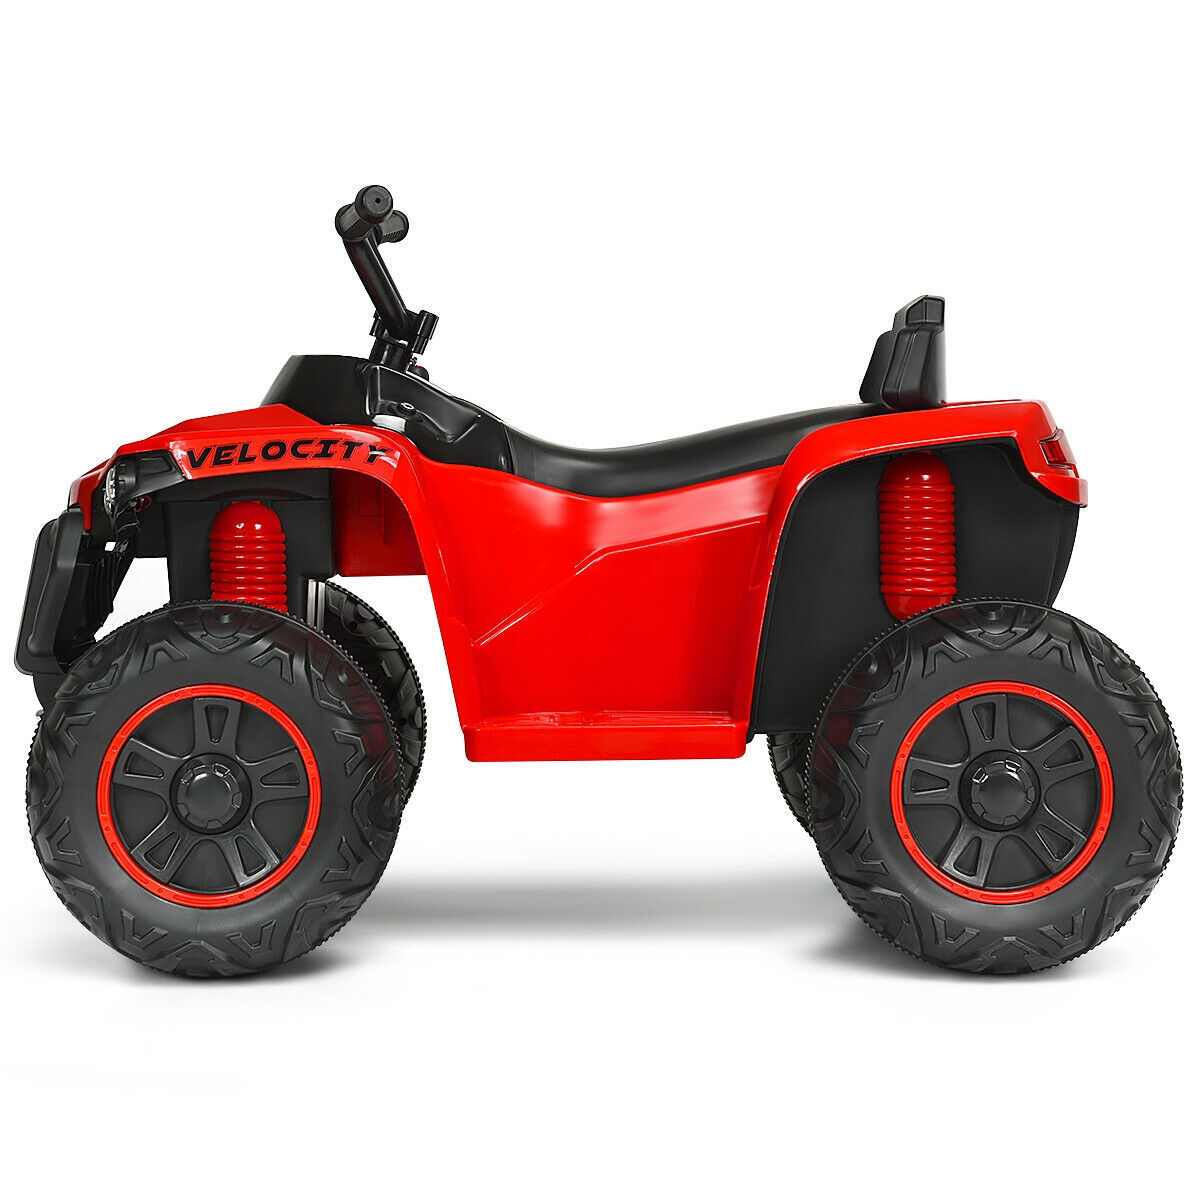 12V Kids 4-Wheeler Quad ATV Battery Powered Ride On Toy